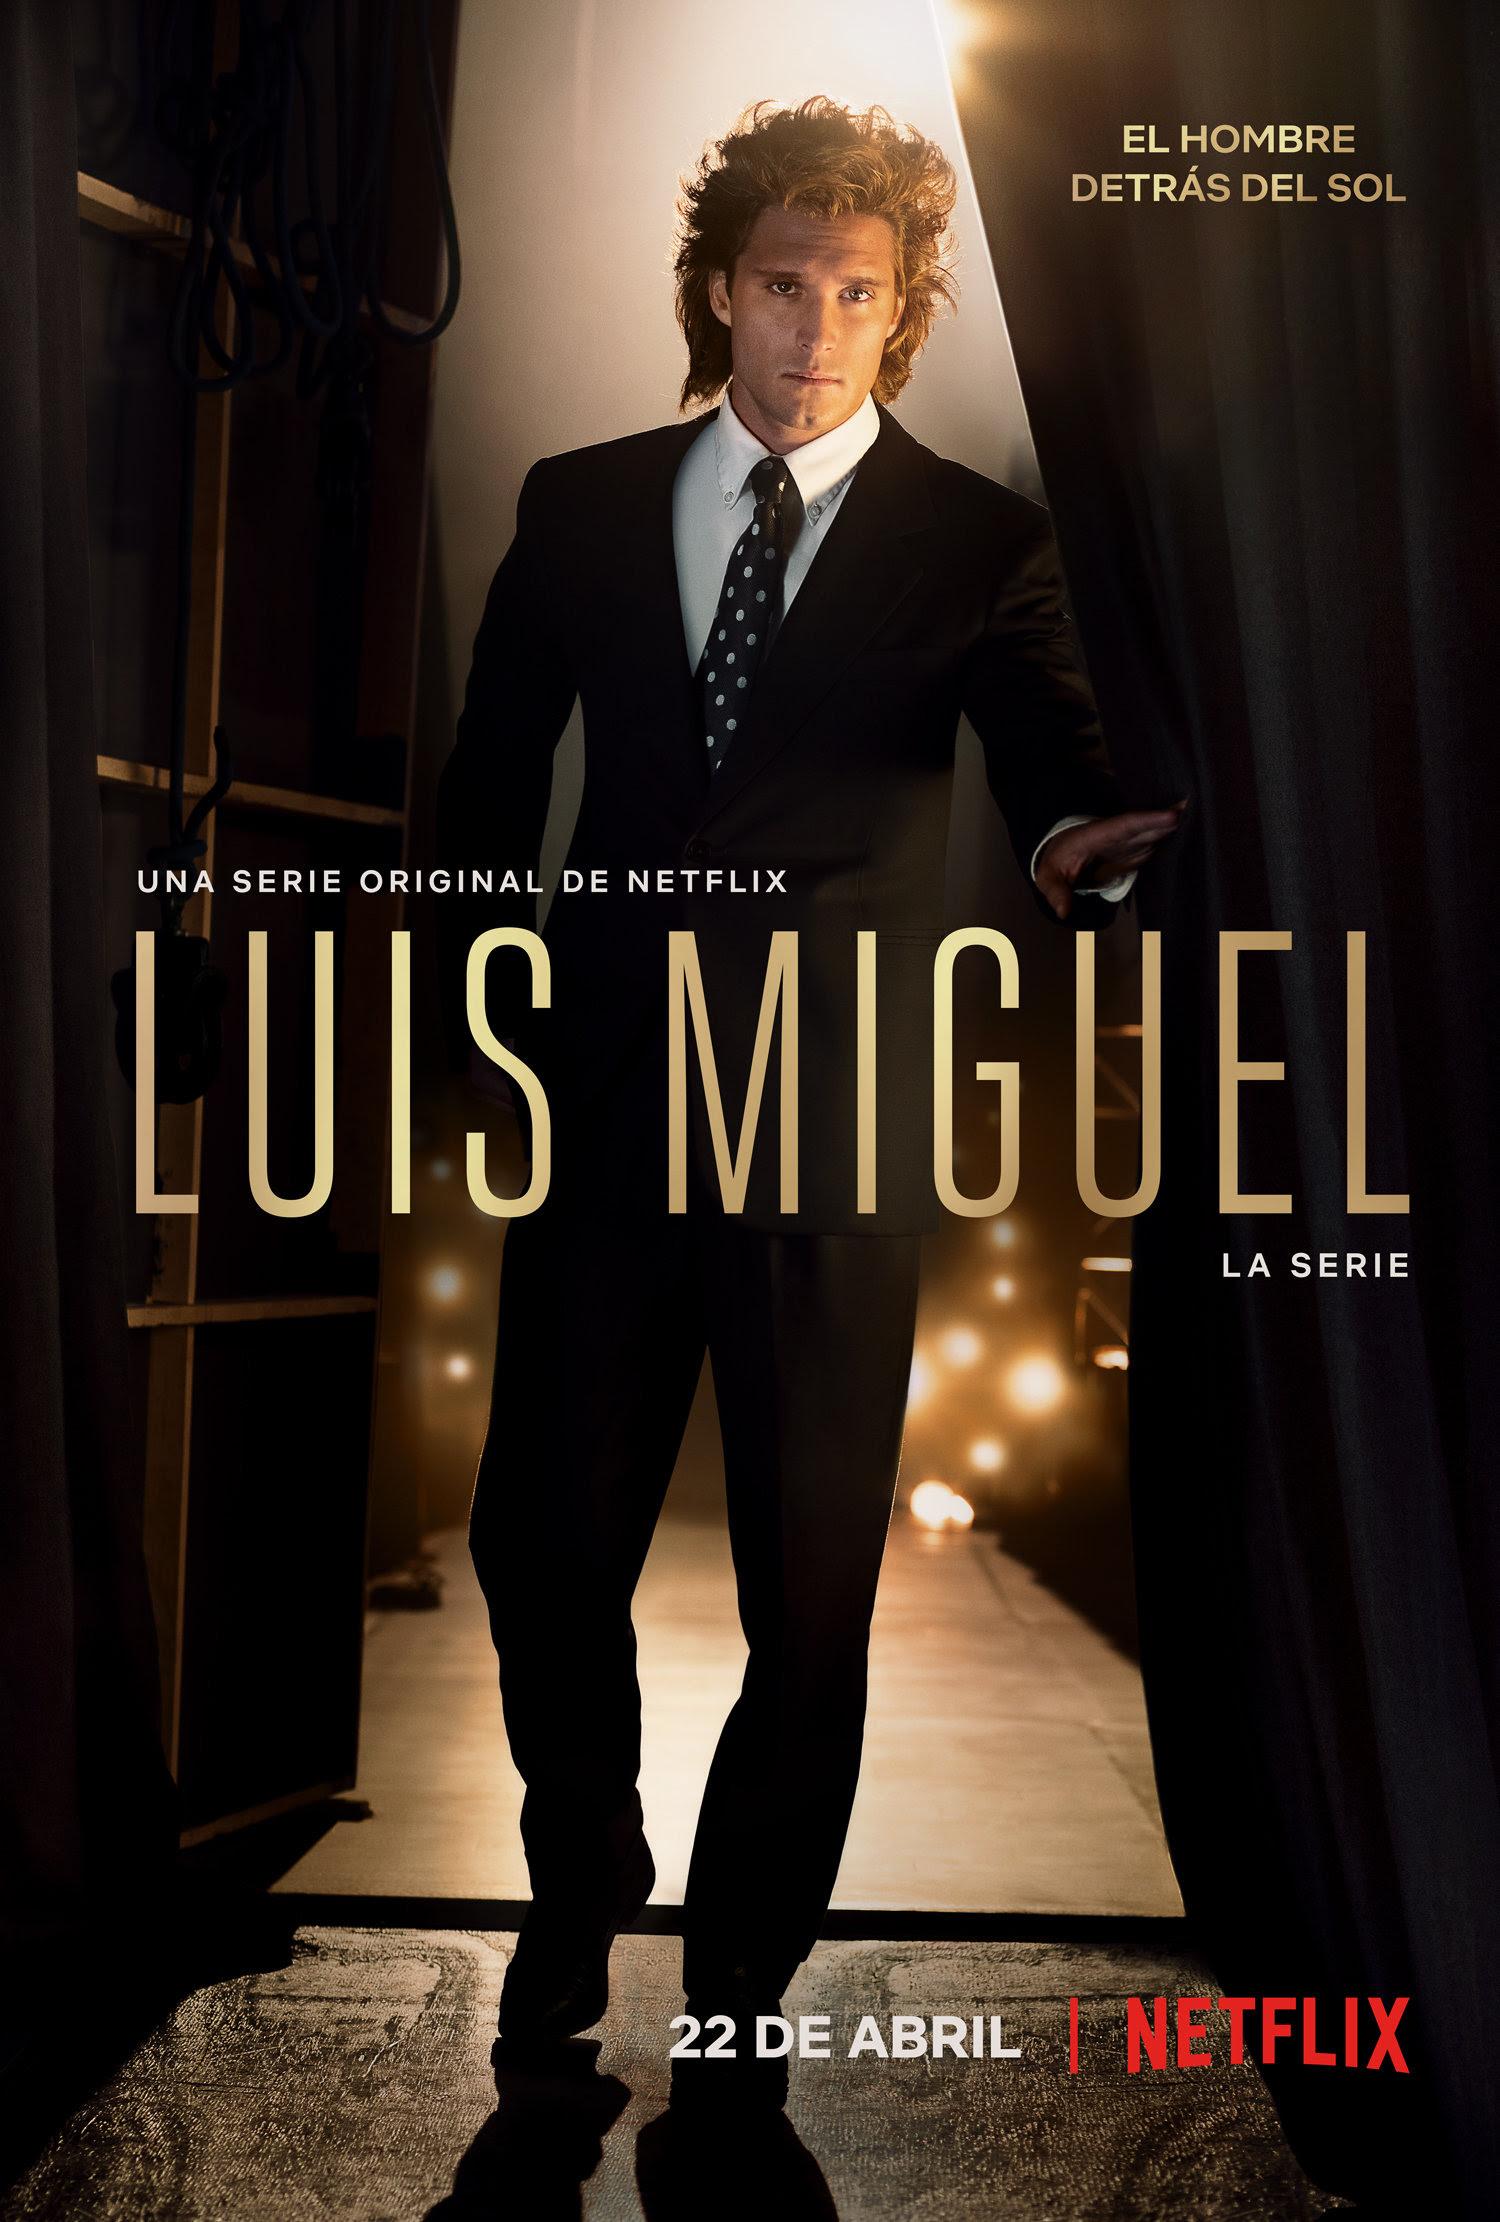 ¡Ya está aquí el primer tráiler de la serie de Luis Miguel!